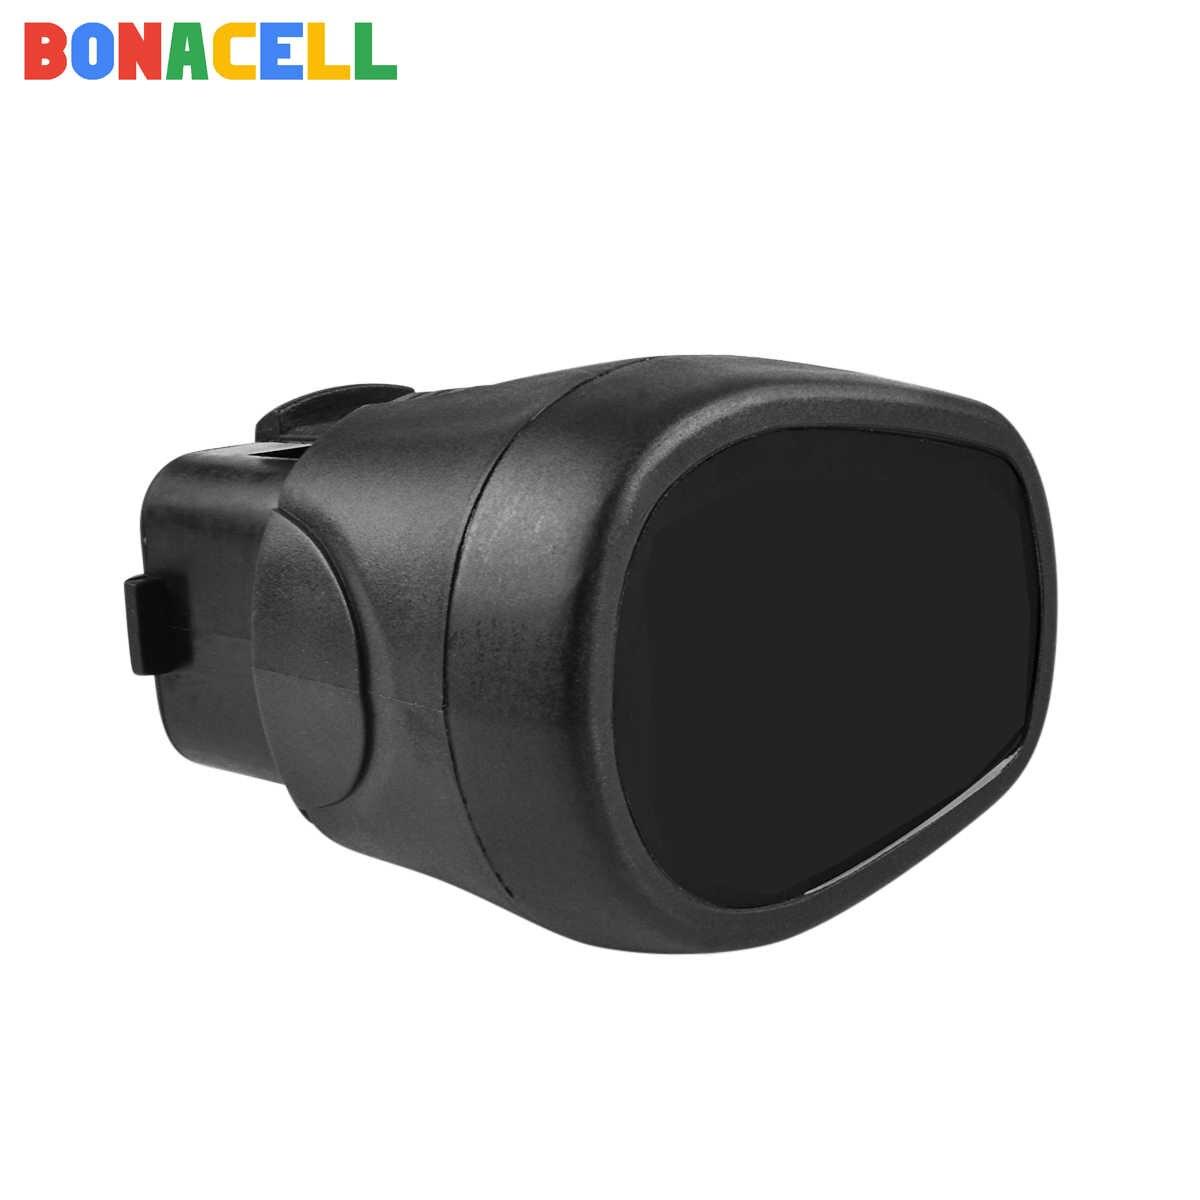 Bonacell متولى حسن 3000mAh 7.2V استبدال البطارية ل دريميل 757-01 7700-01 7700-02 7.2 -فولت MultiPro اللاسلكي بطارية أداة جديد